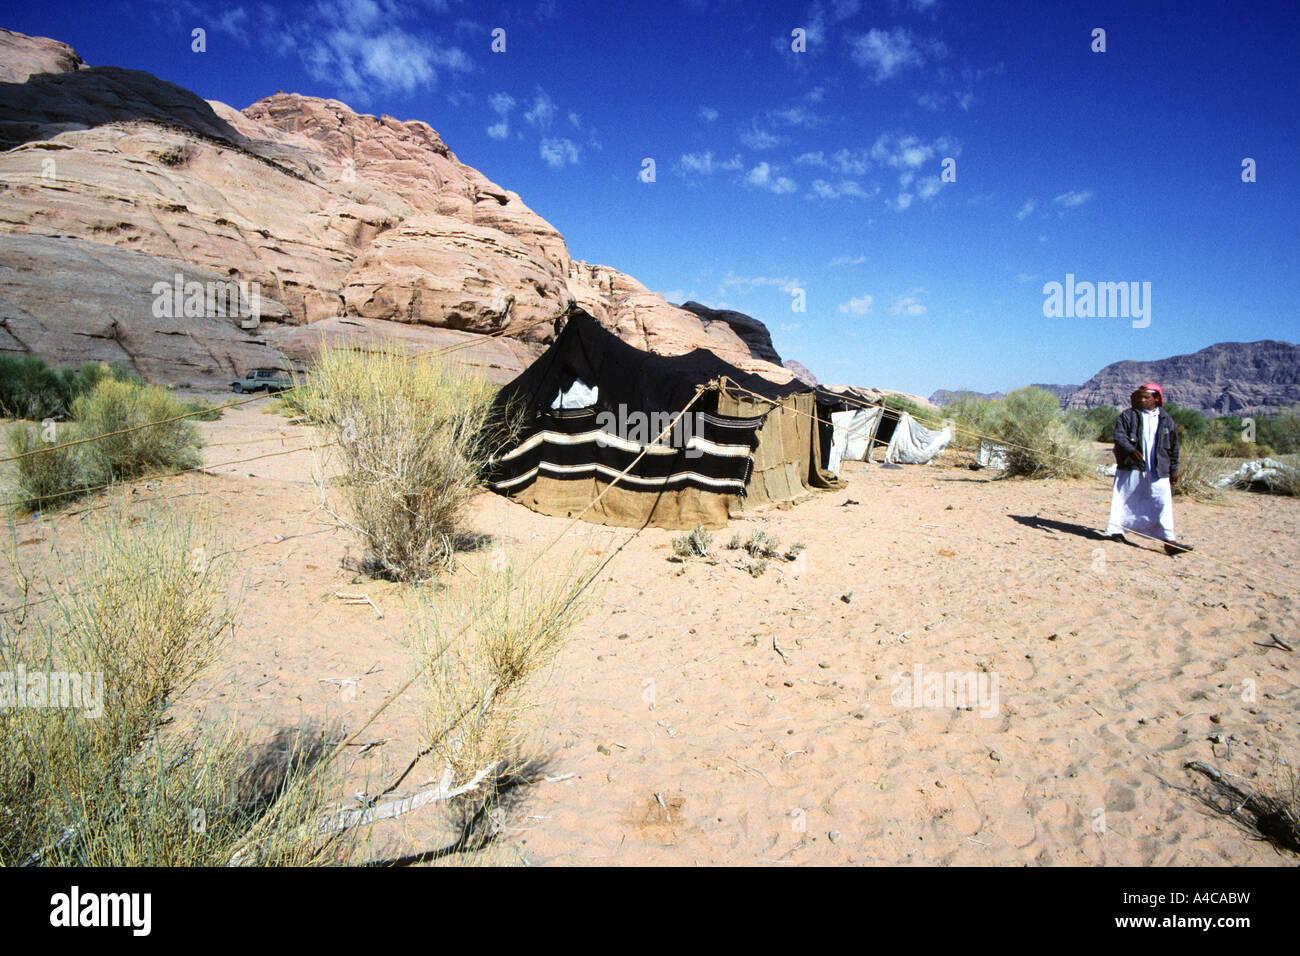 Bedouin camp, Wadi Rum, Jordanien Stockfoto